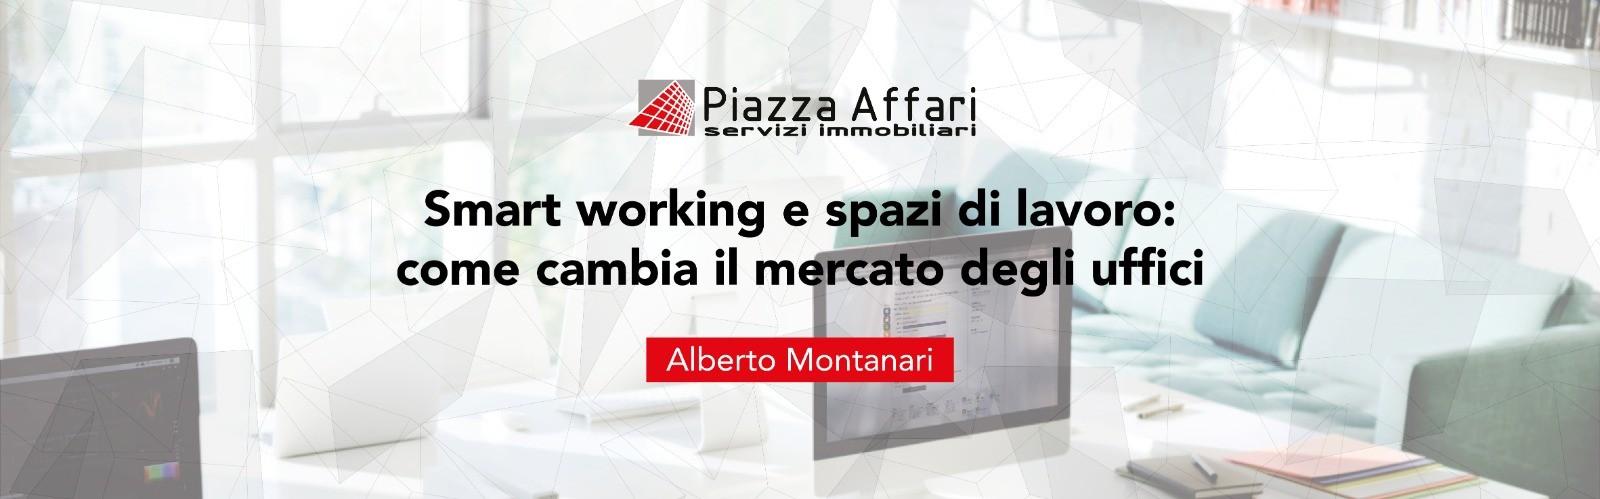 spazi di lavoro